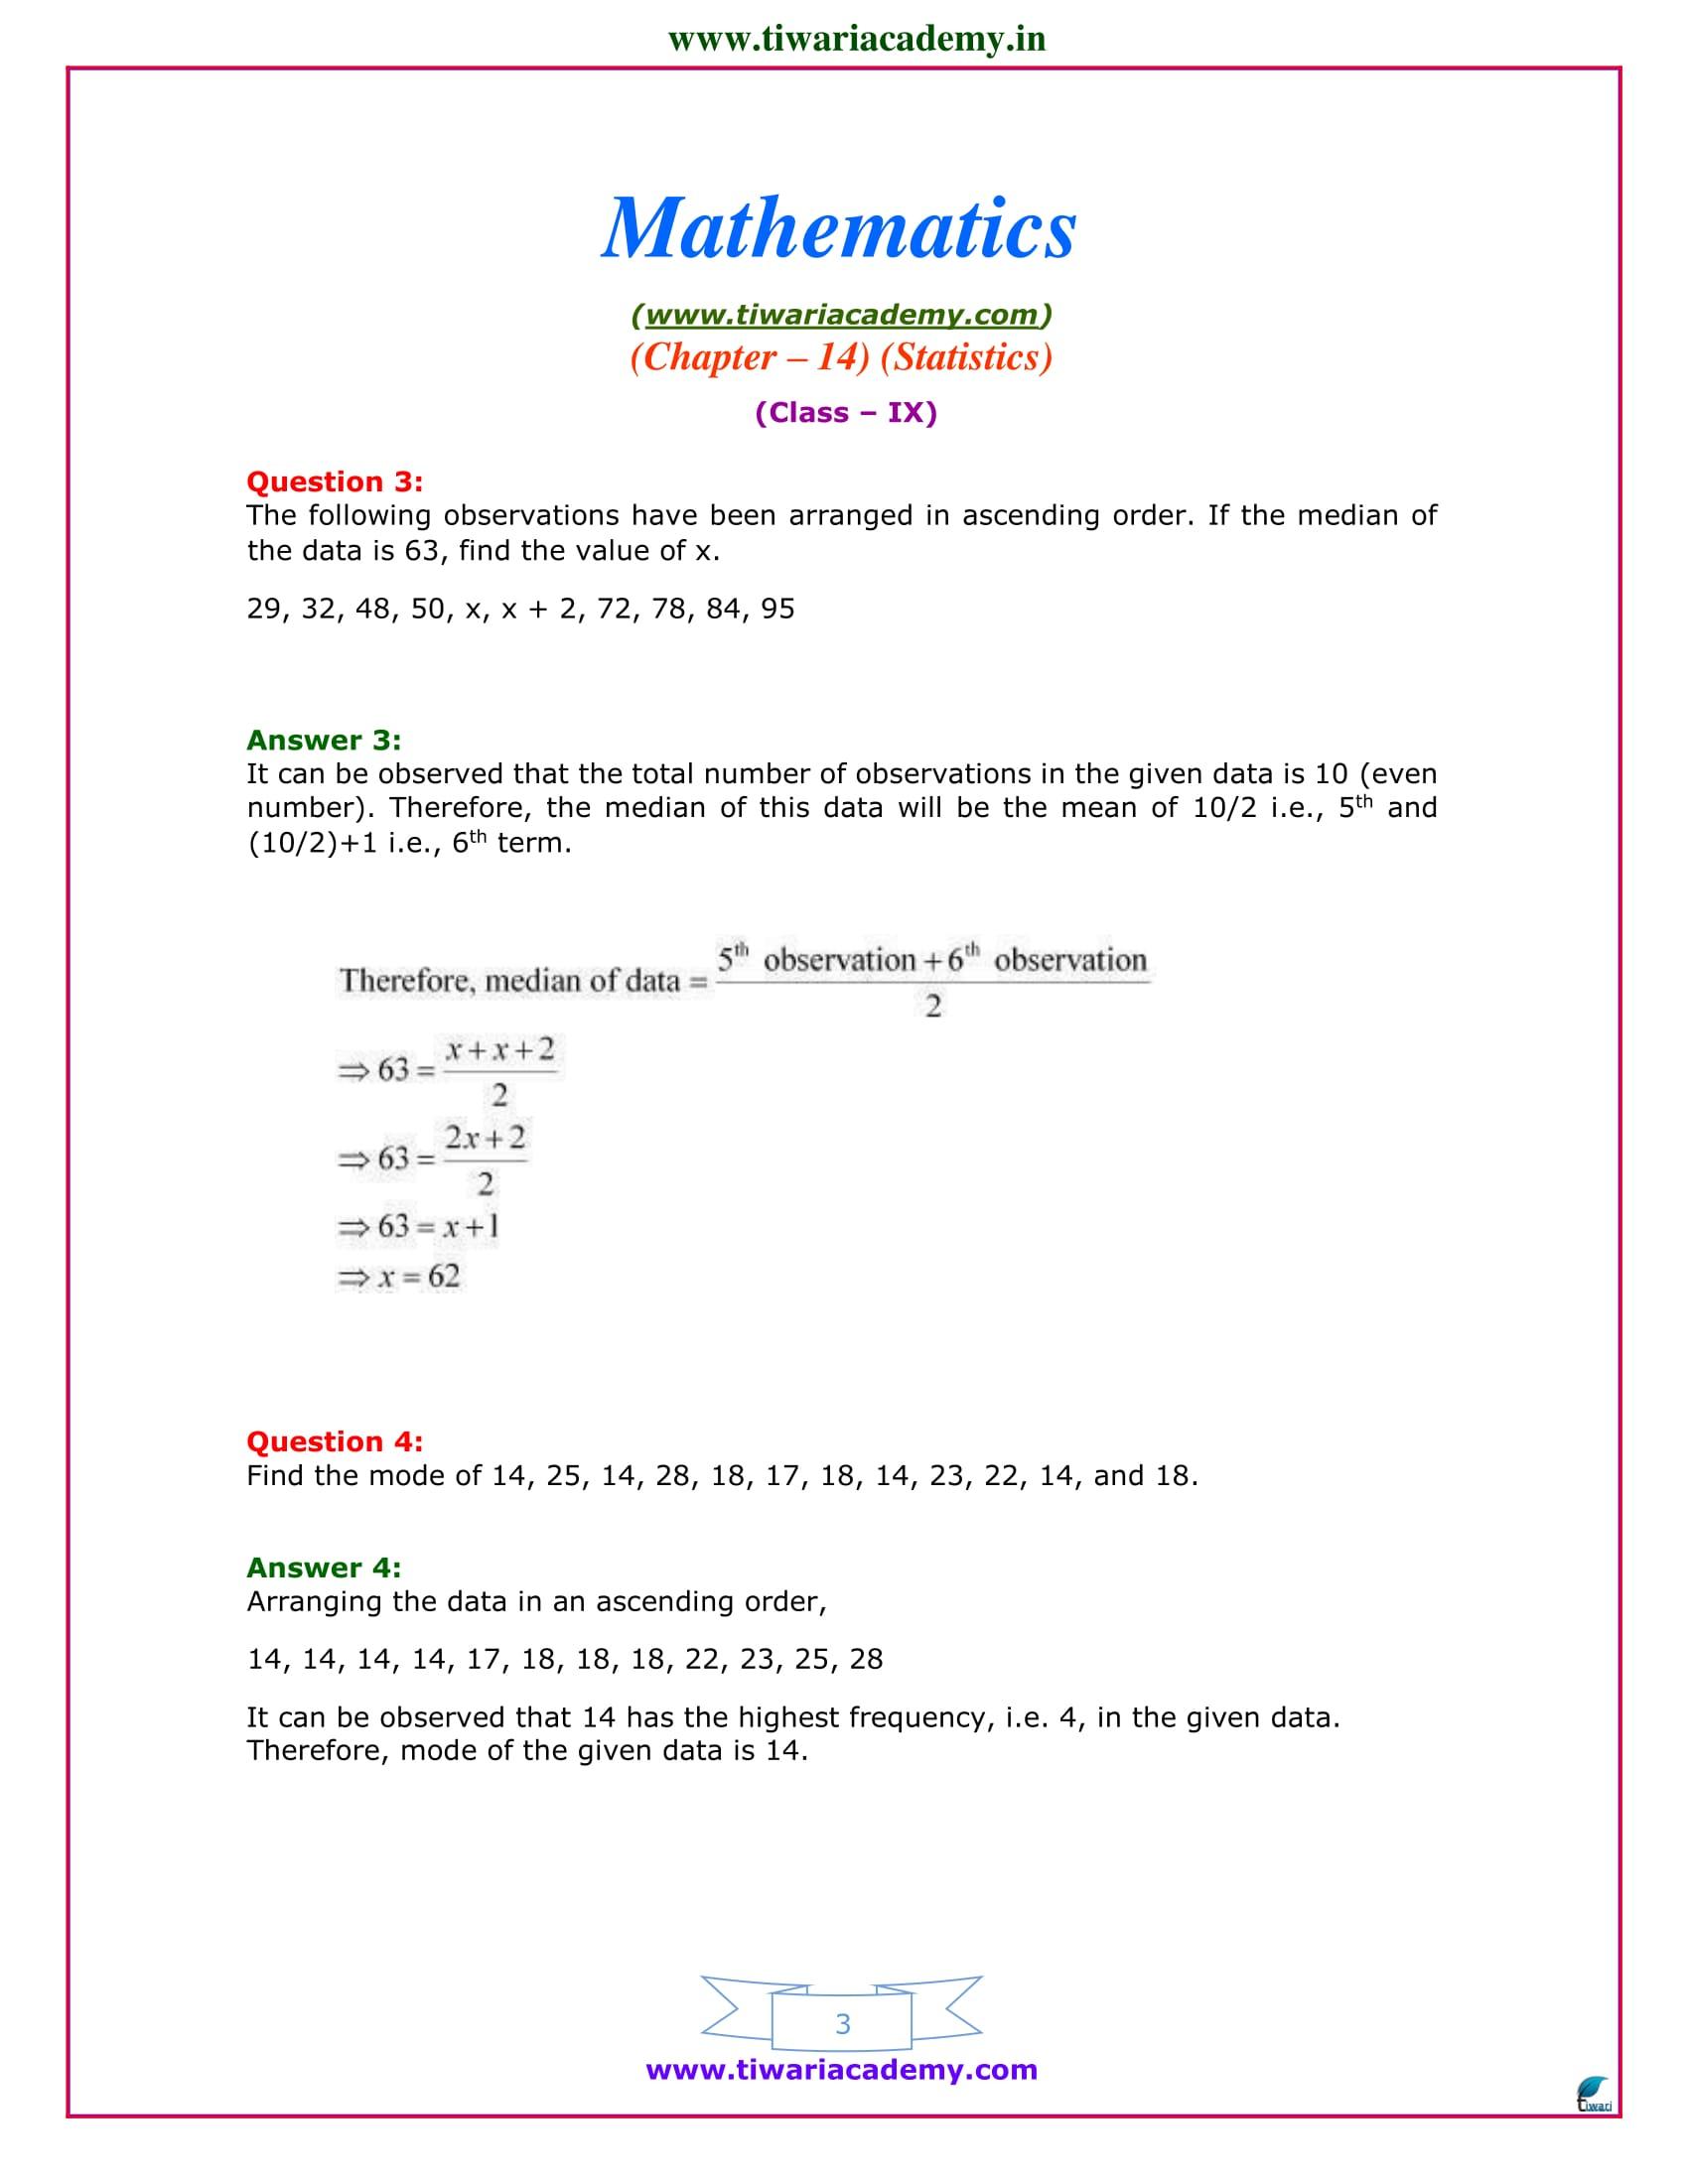 Class 9 Maths exercise 14.4